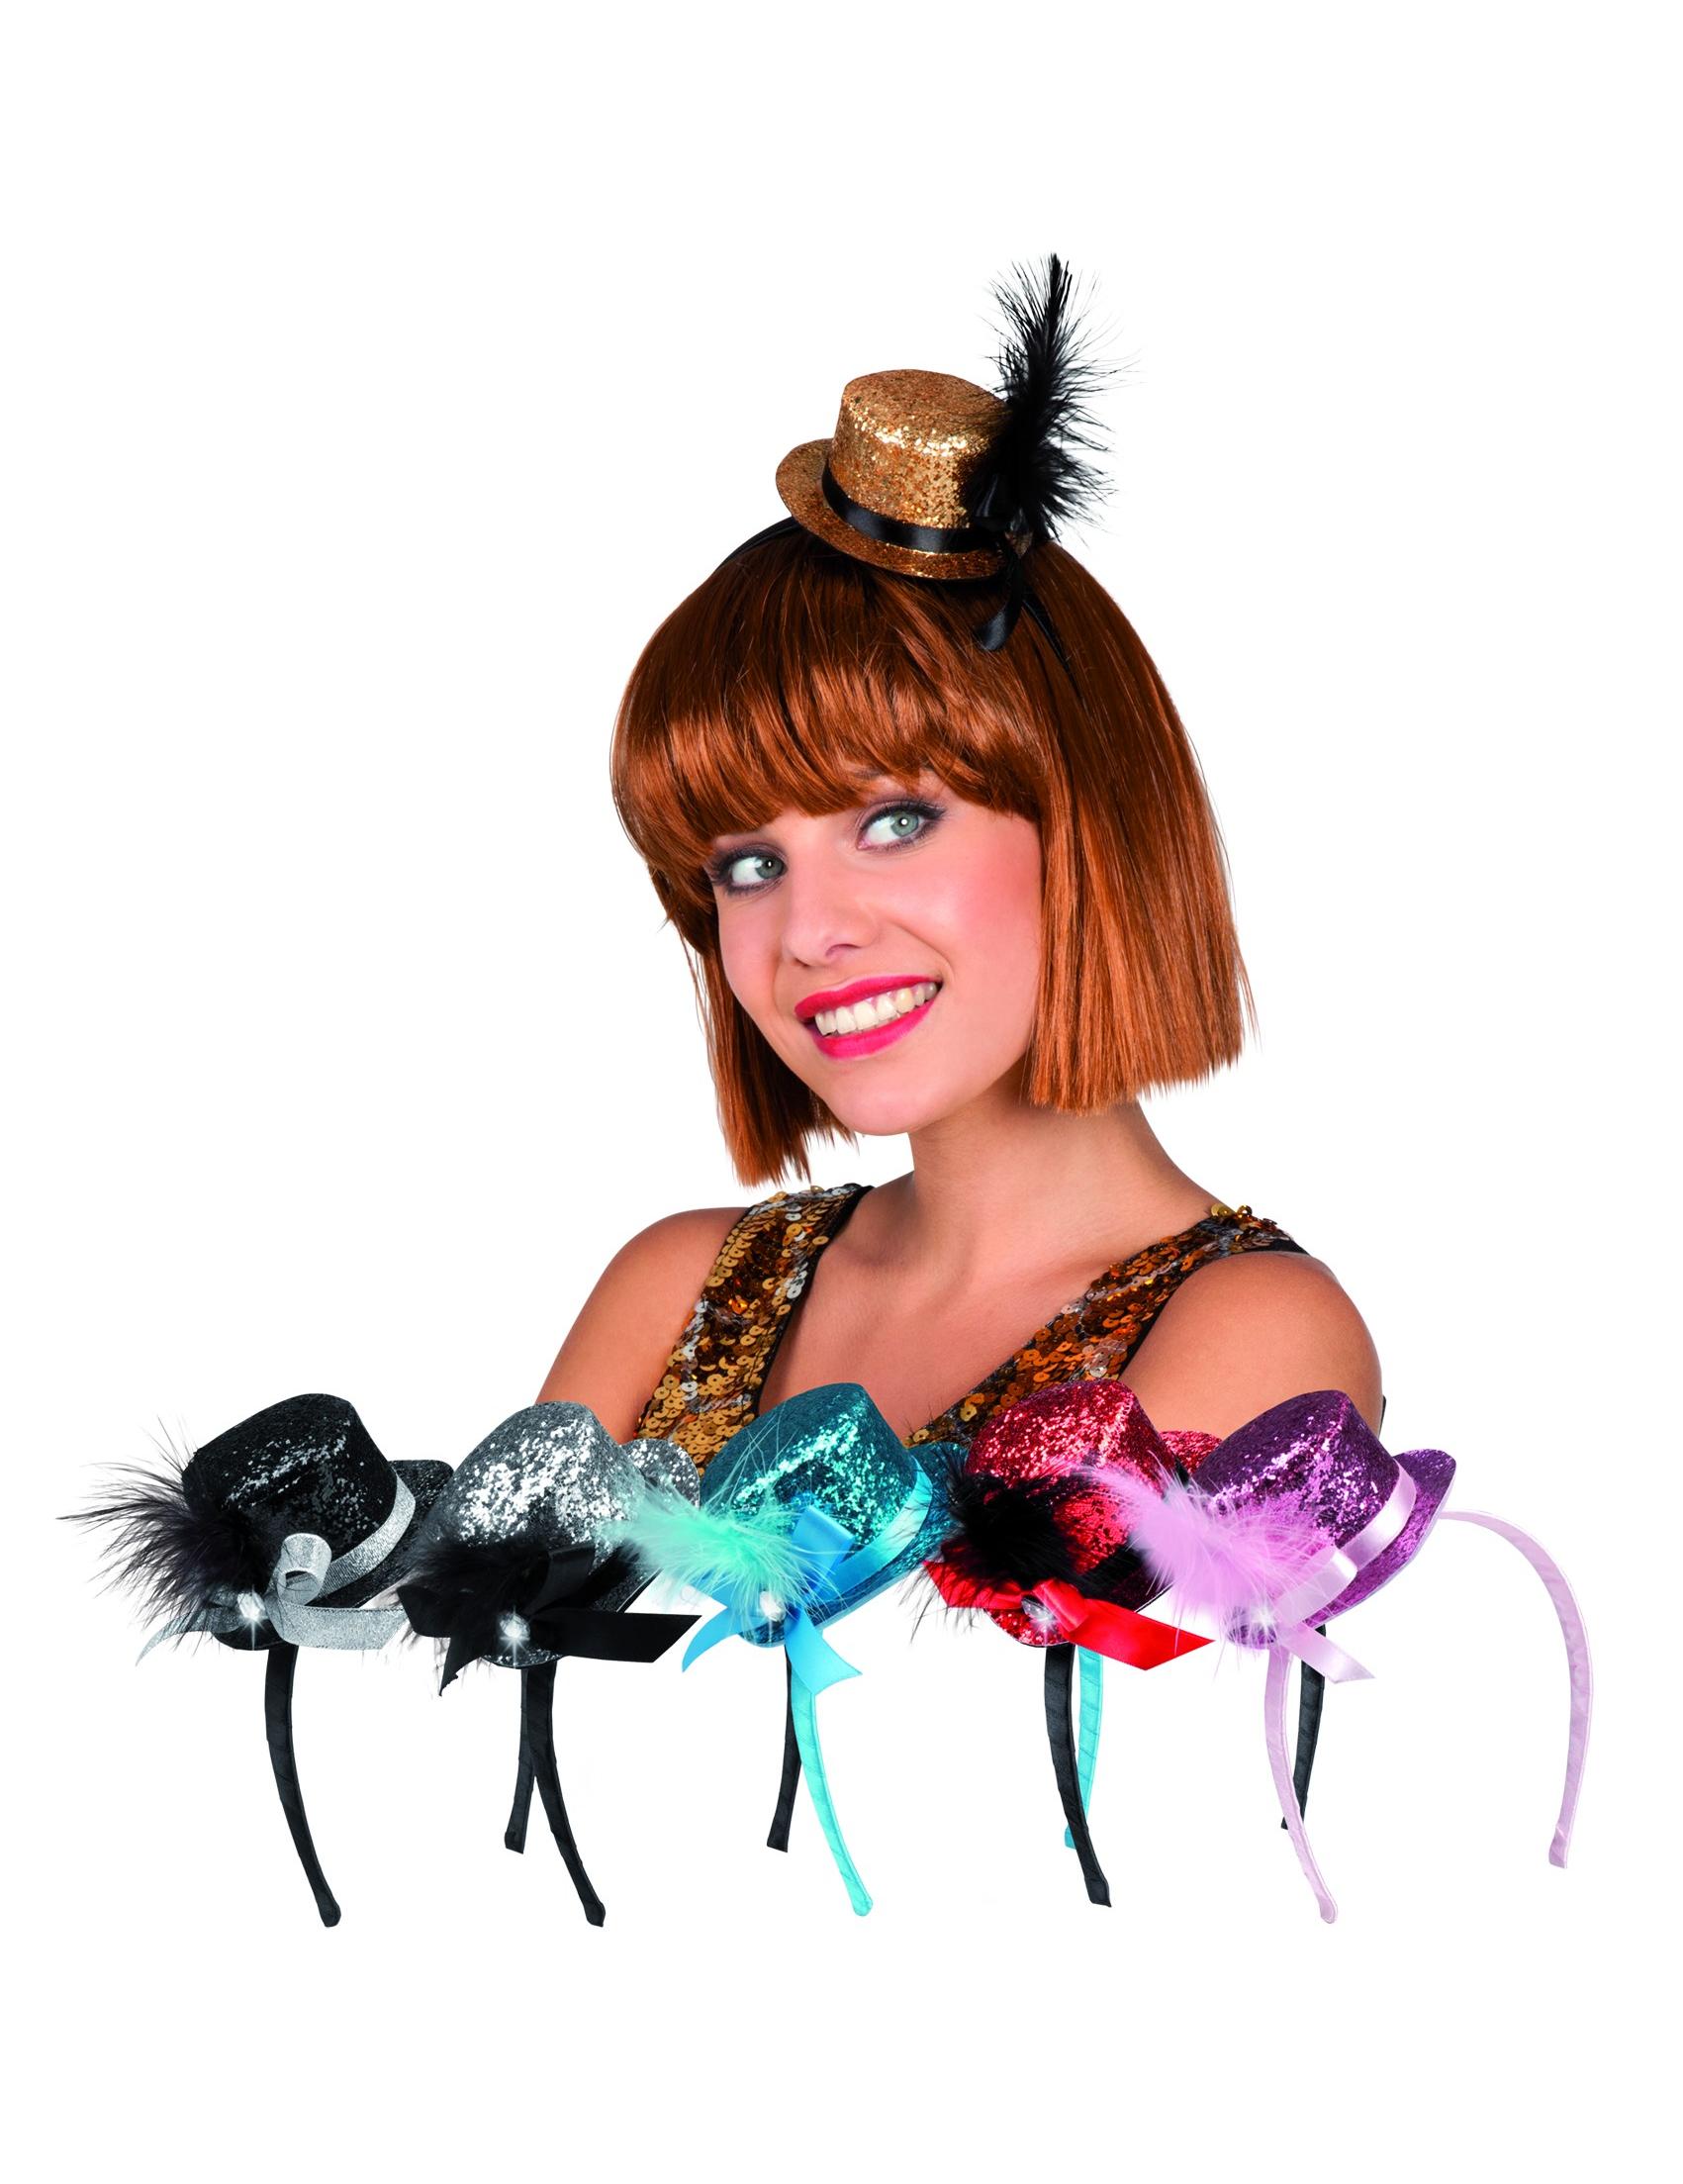 Sombreros Mini sombreros para disfraces y fiestas de cumpleaños ... 0dccb75bd89